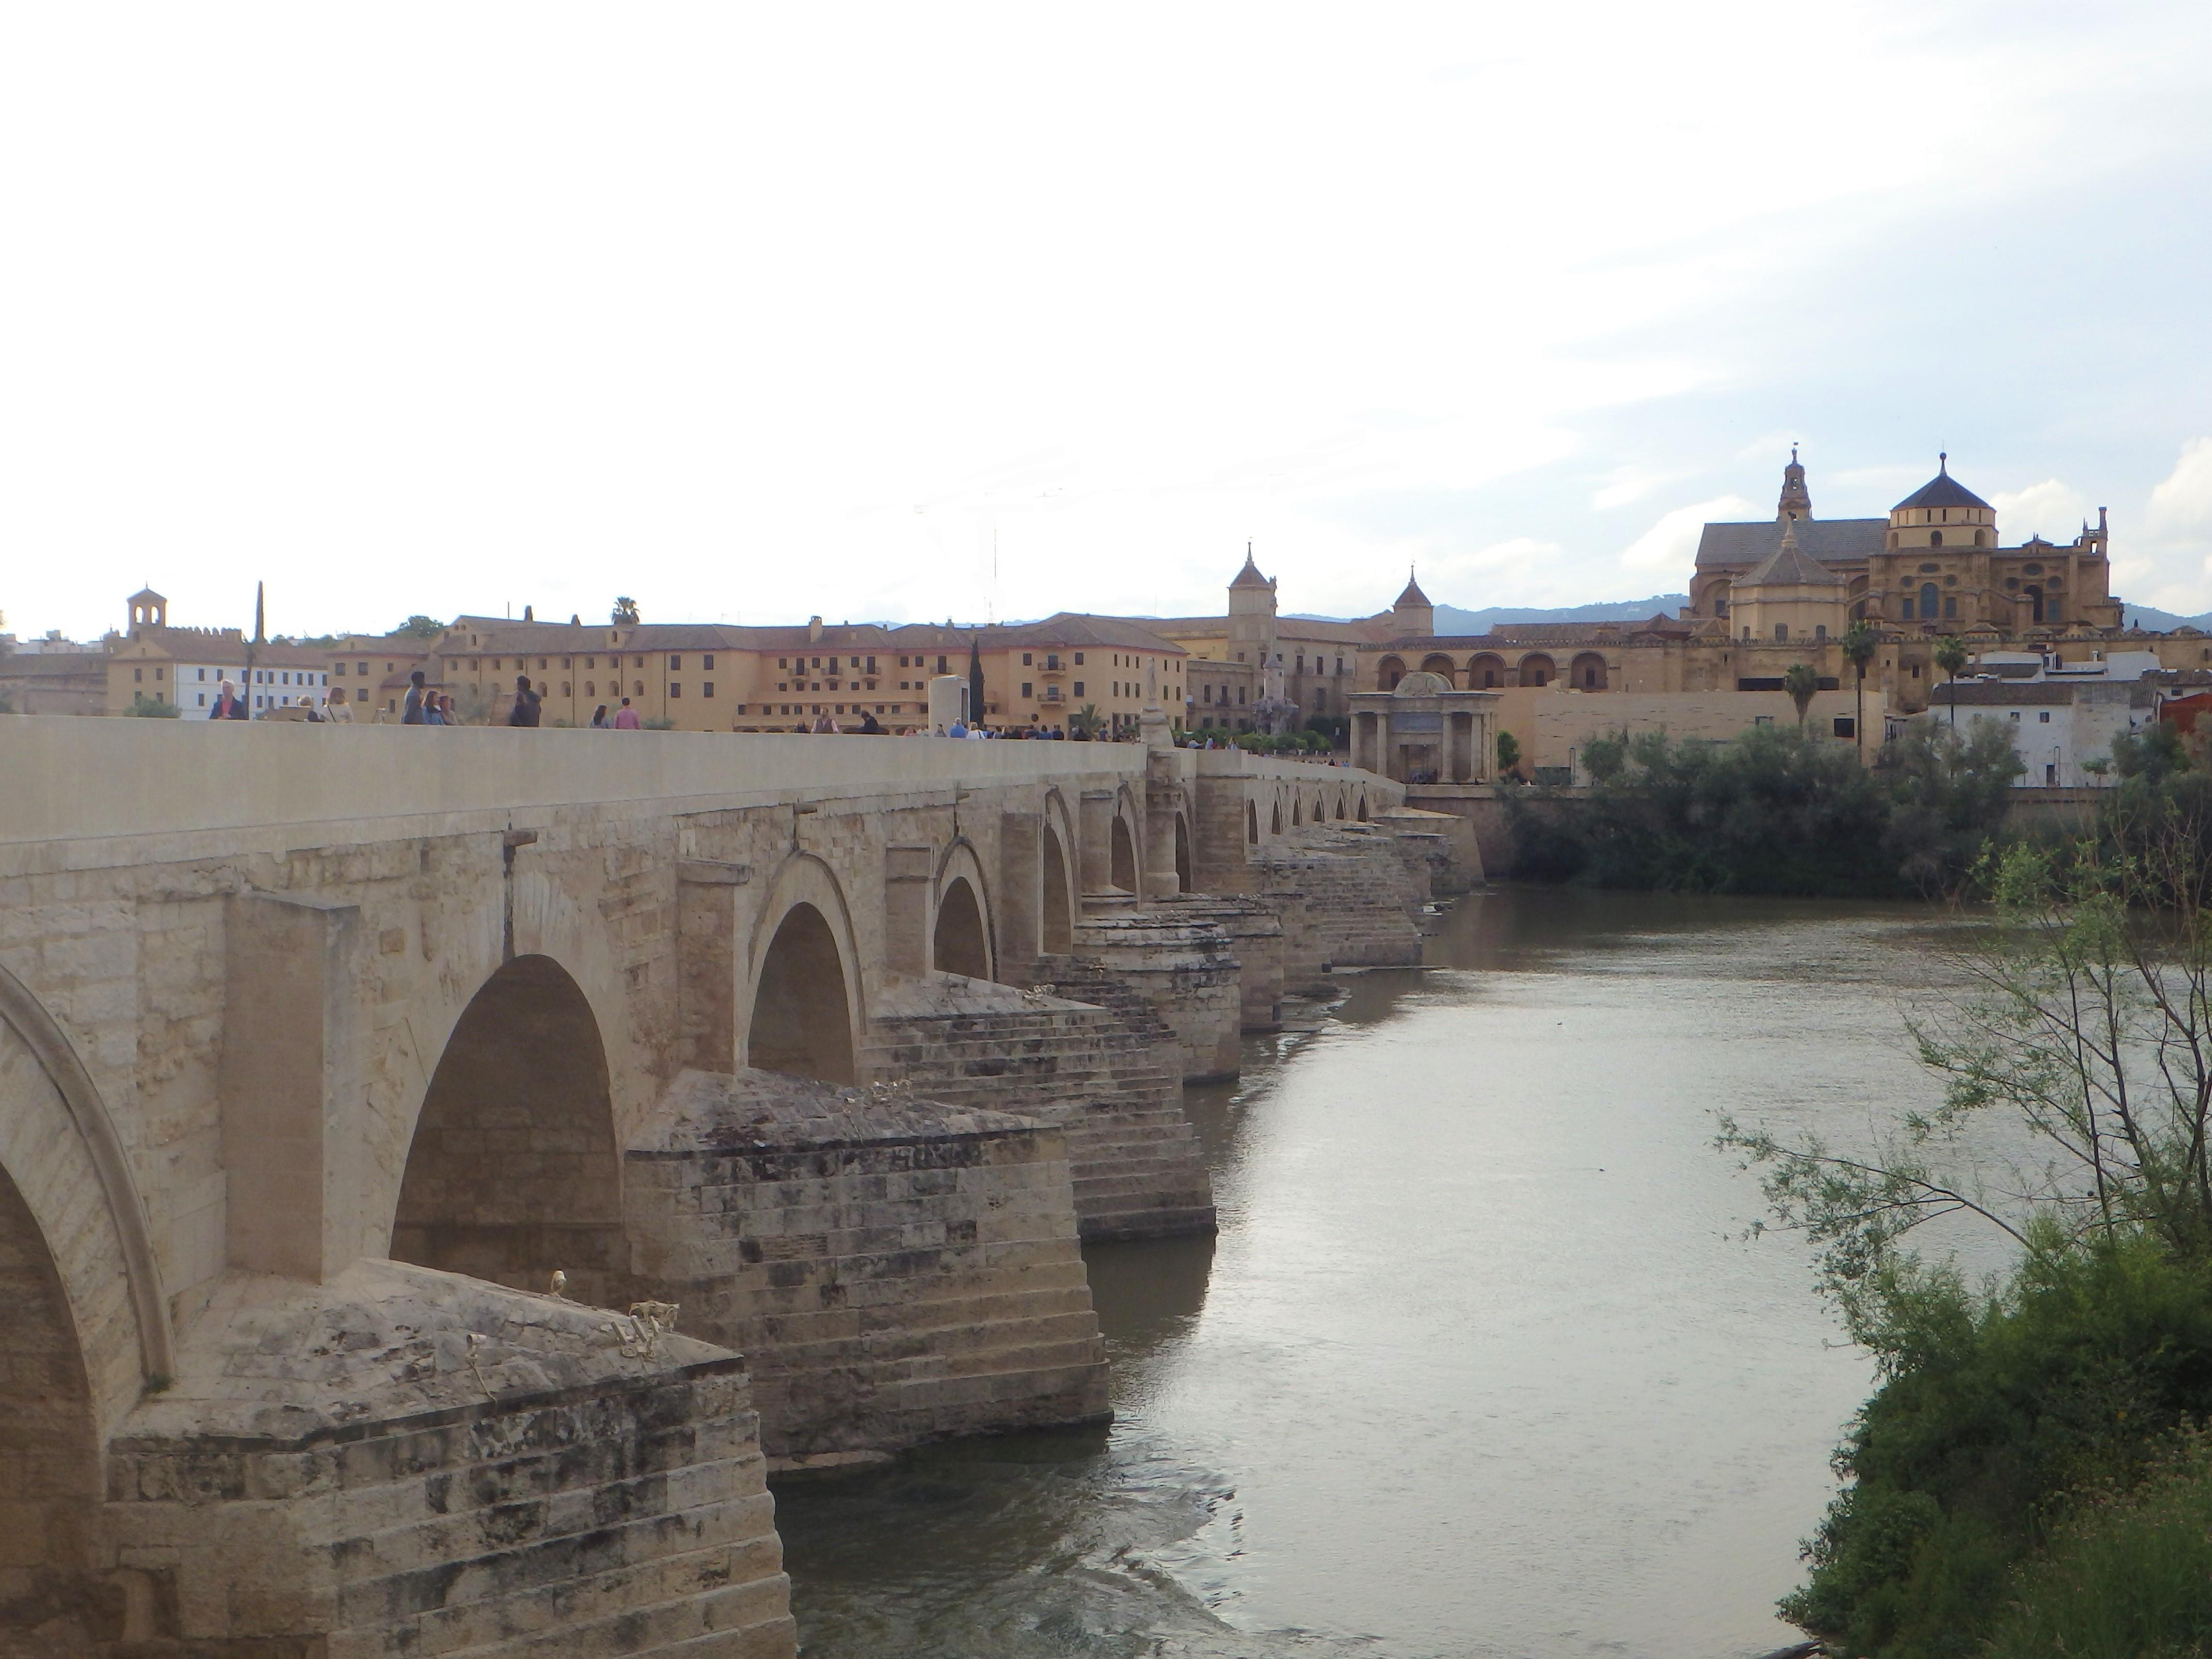 Avec ses seize arches, le Puente Romano rappelle que Cordoue fut une importante cité romaine - DR : J.B.